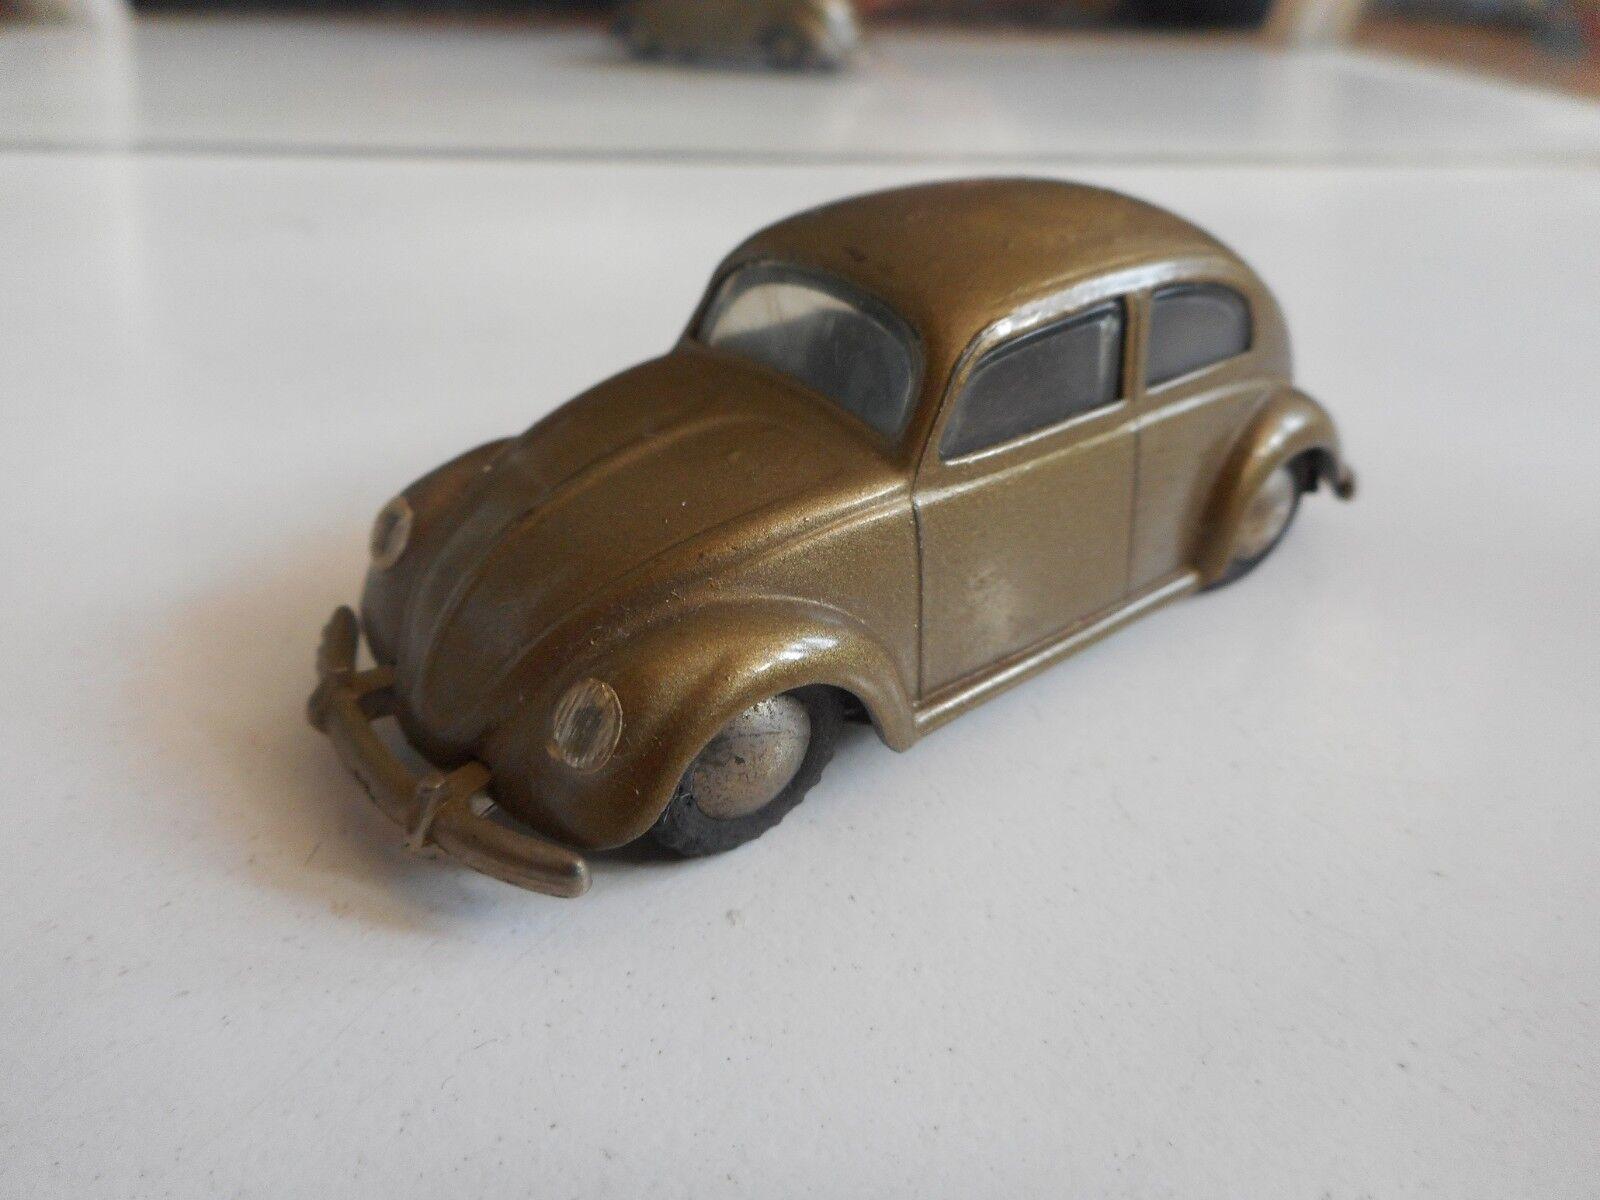 descuento de ventas en línea Tekno Denmark VW VW VW Volkswagen Beetle in marrón  despacho de tienda